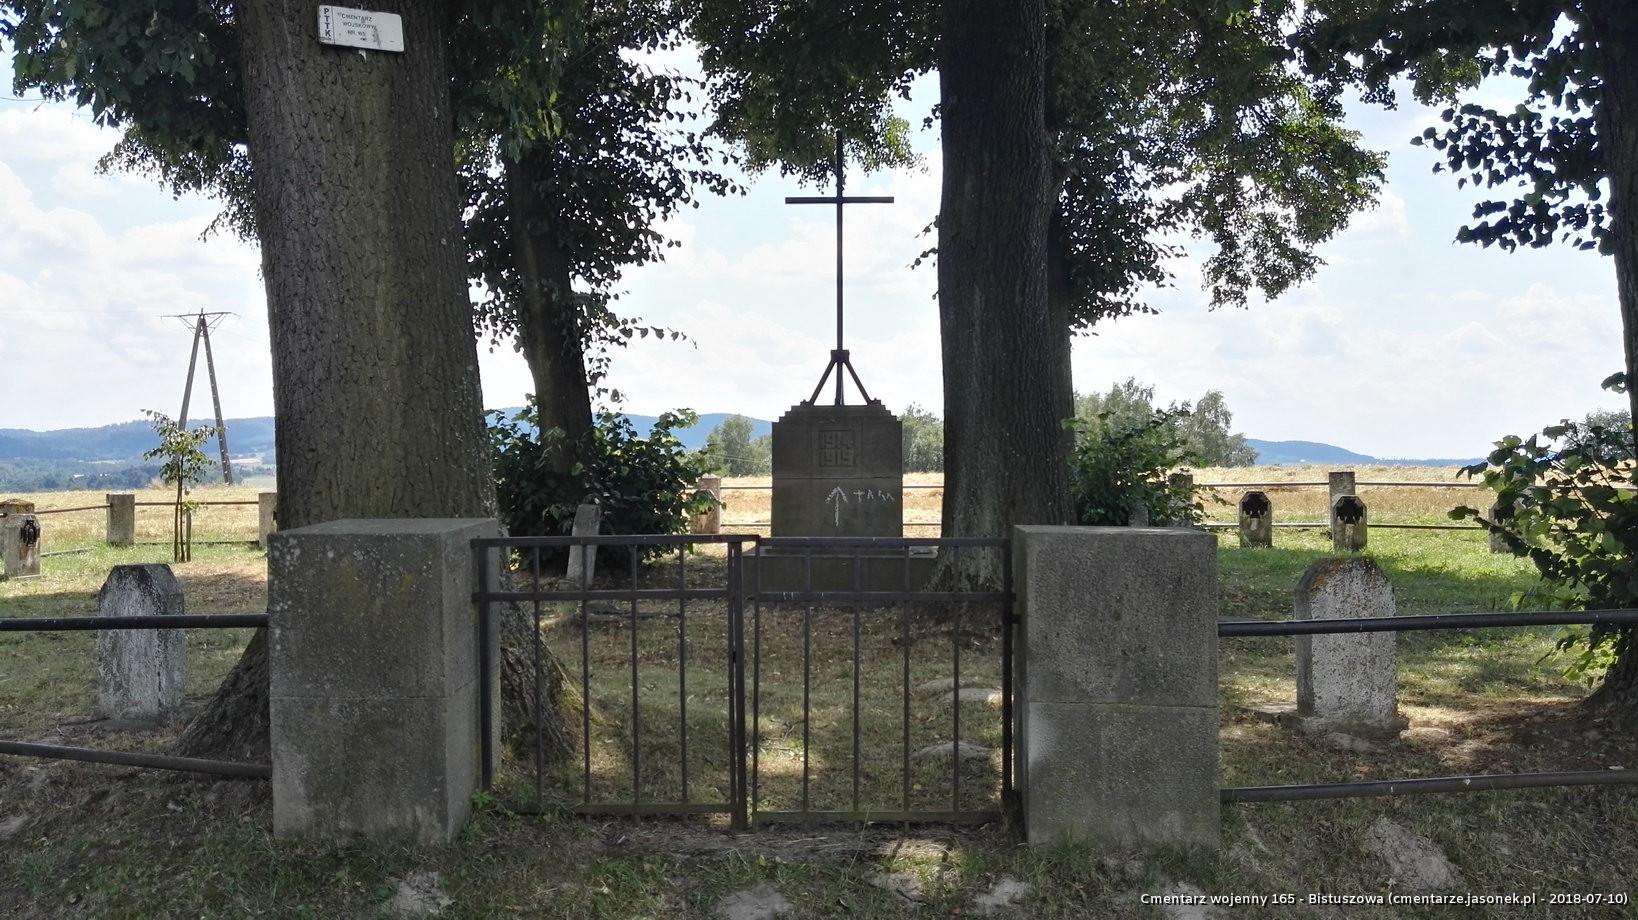 Cmentarz wojenny 165 - Bistuszowa